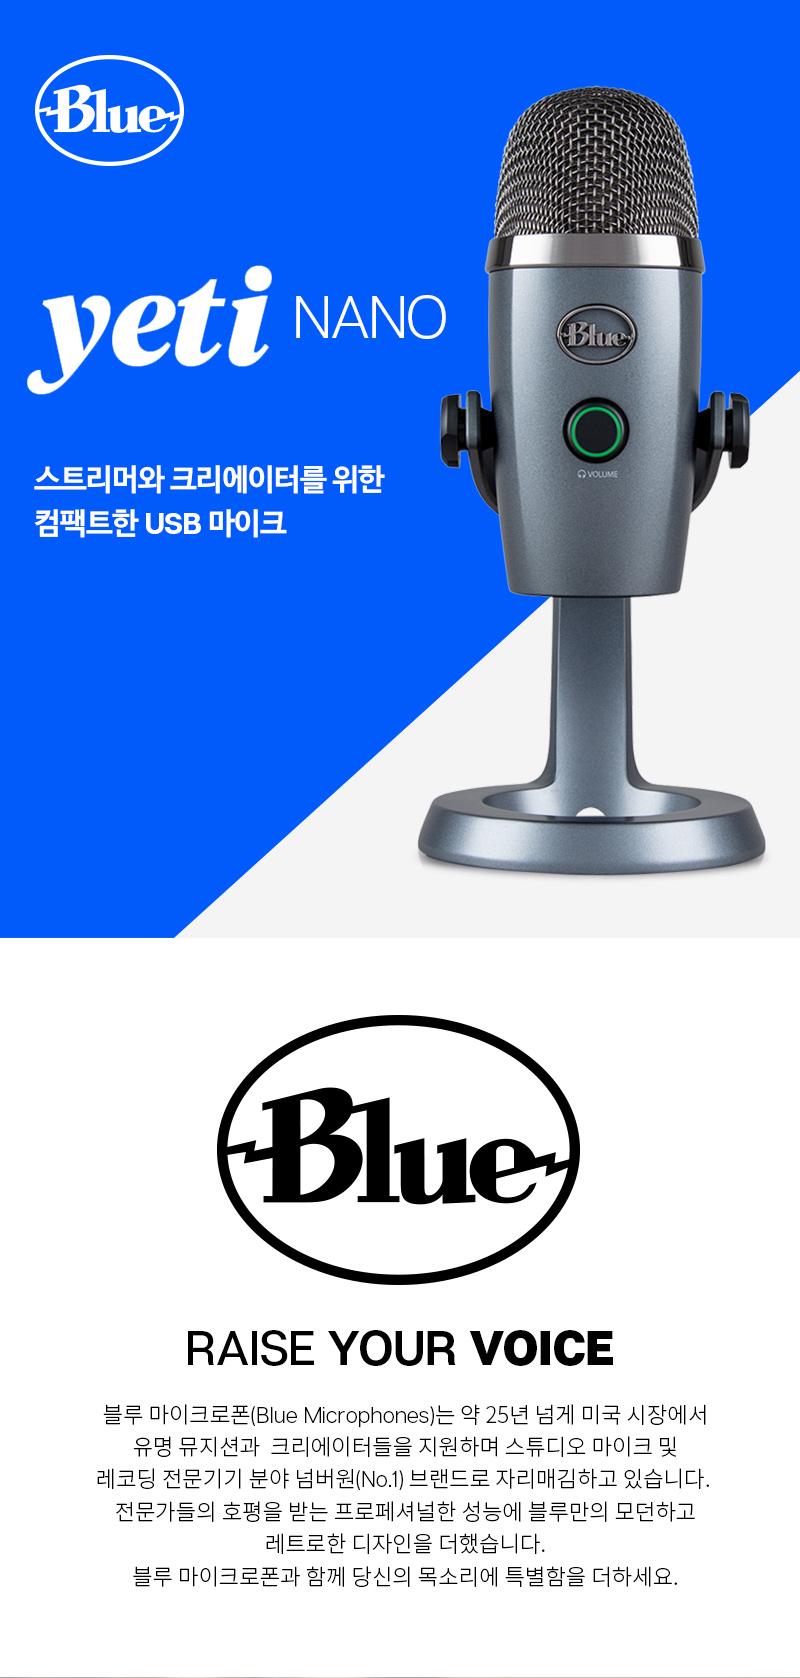 로지텍 블루 마이크로폰 YETI NANO (정품)